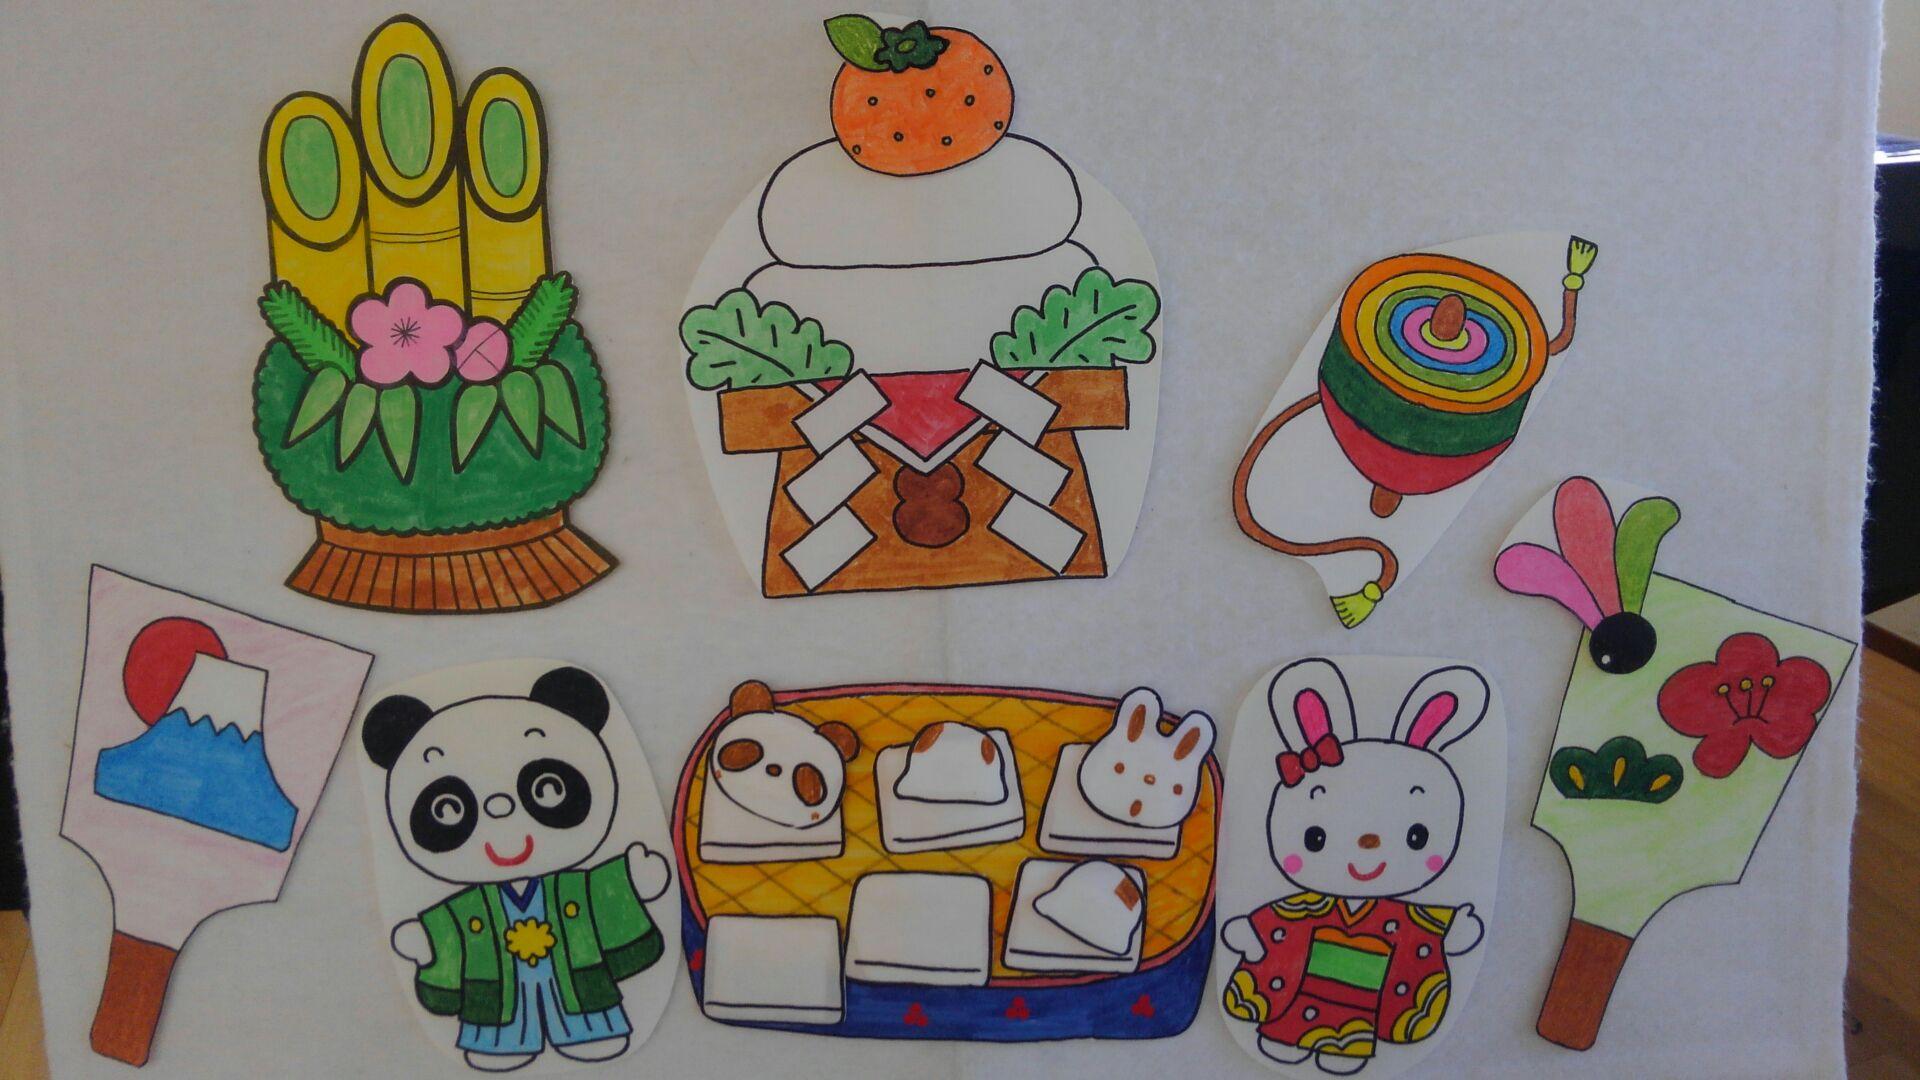 鏡餅・門松・独楽・振袖・羽根つき・お餅など季節に合わせた絵を使ってプログラムは進行。